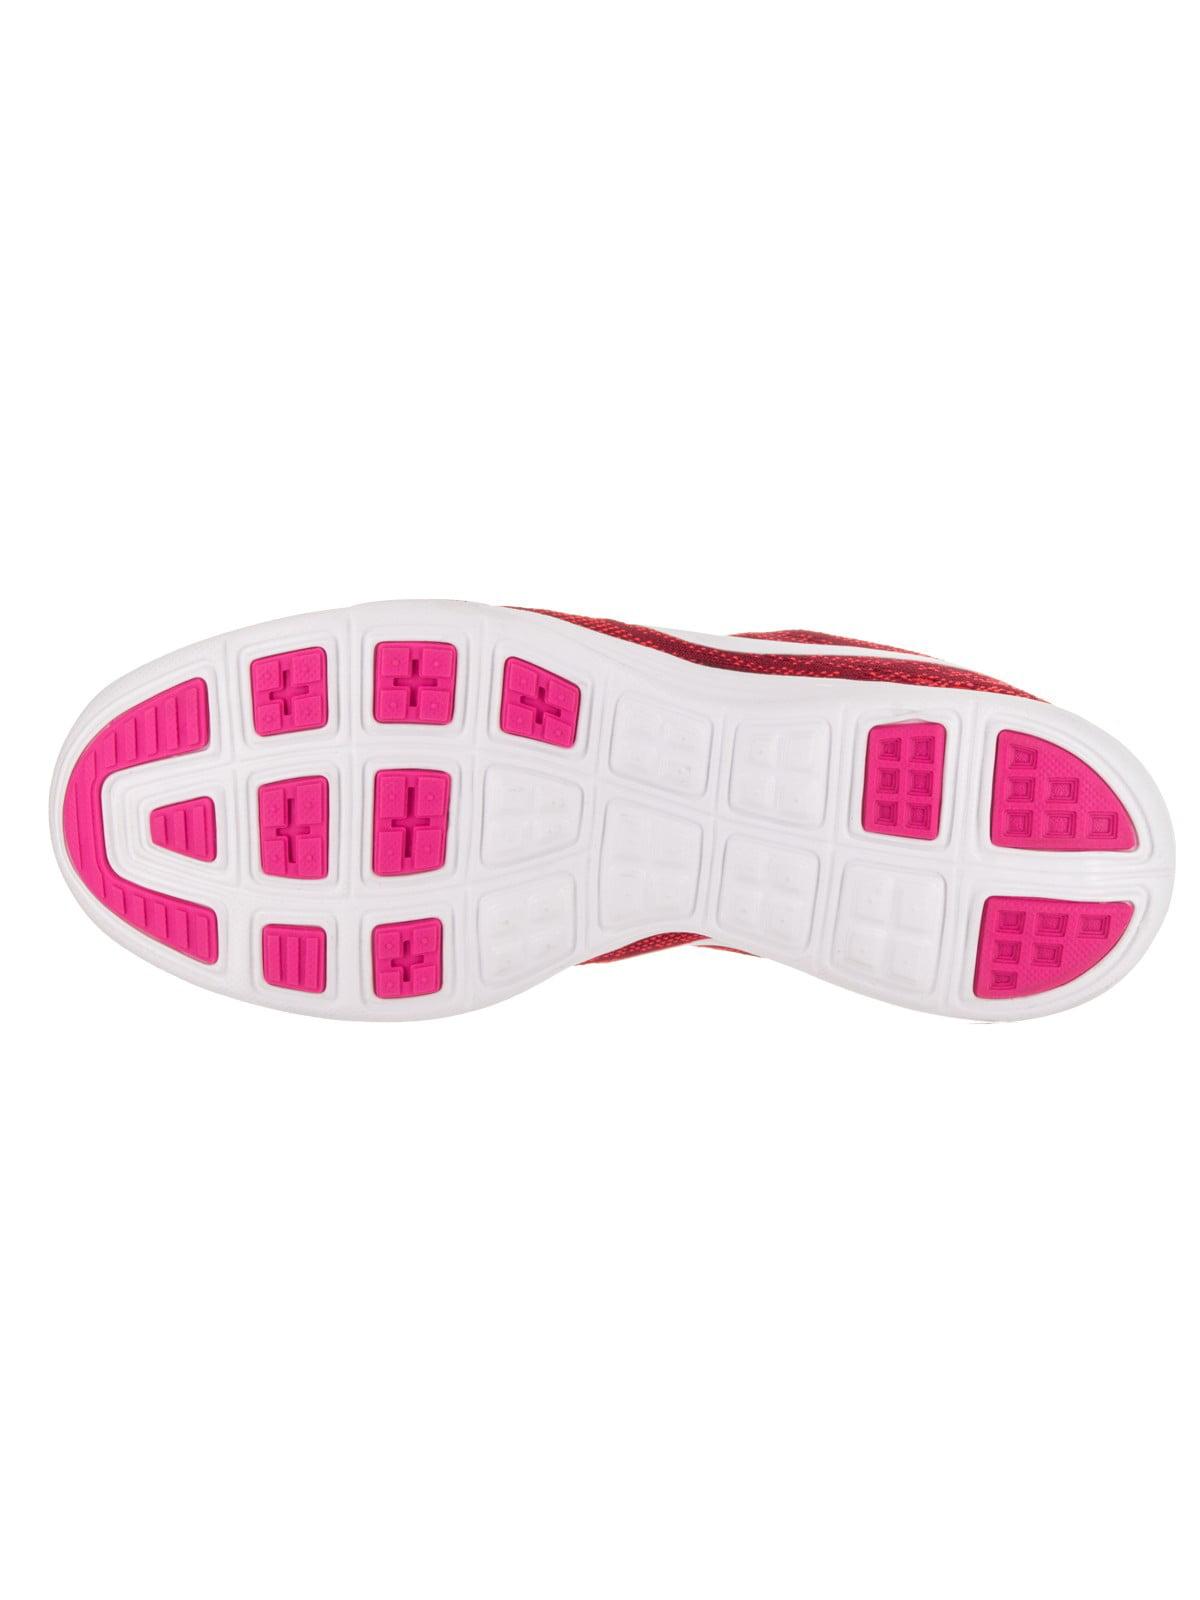 3ae1a3a33619 Nike Women s Lunartempo 2 Running Shoe